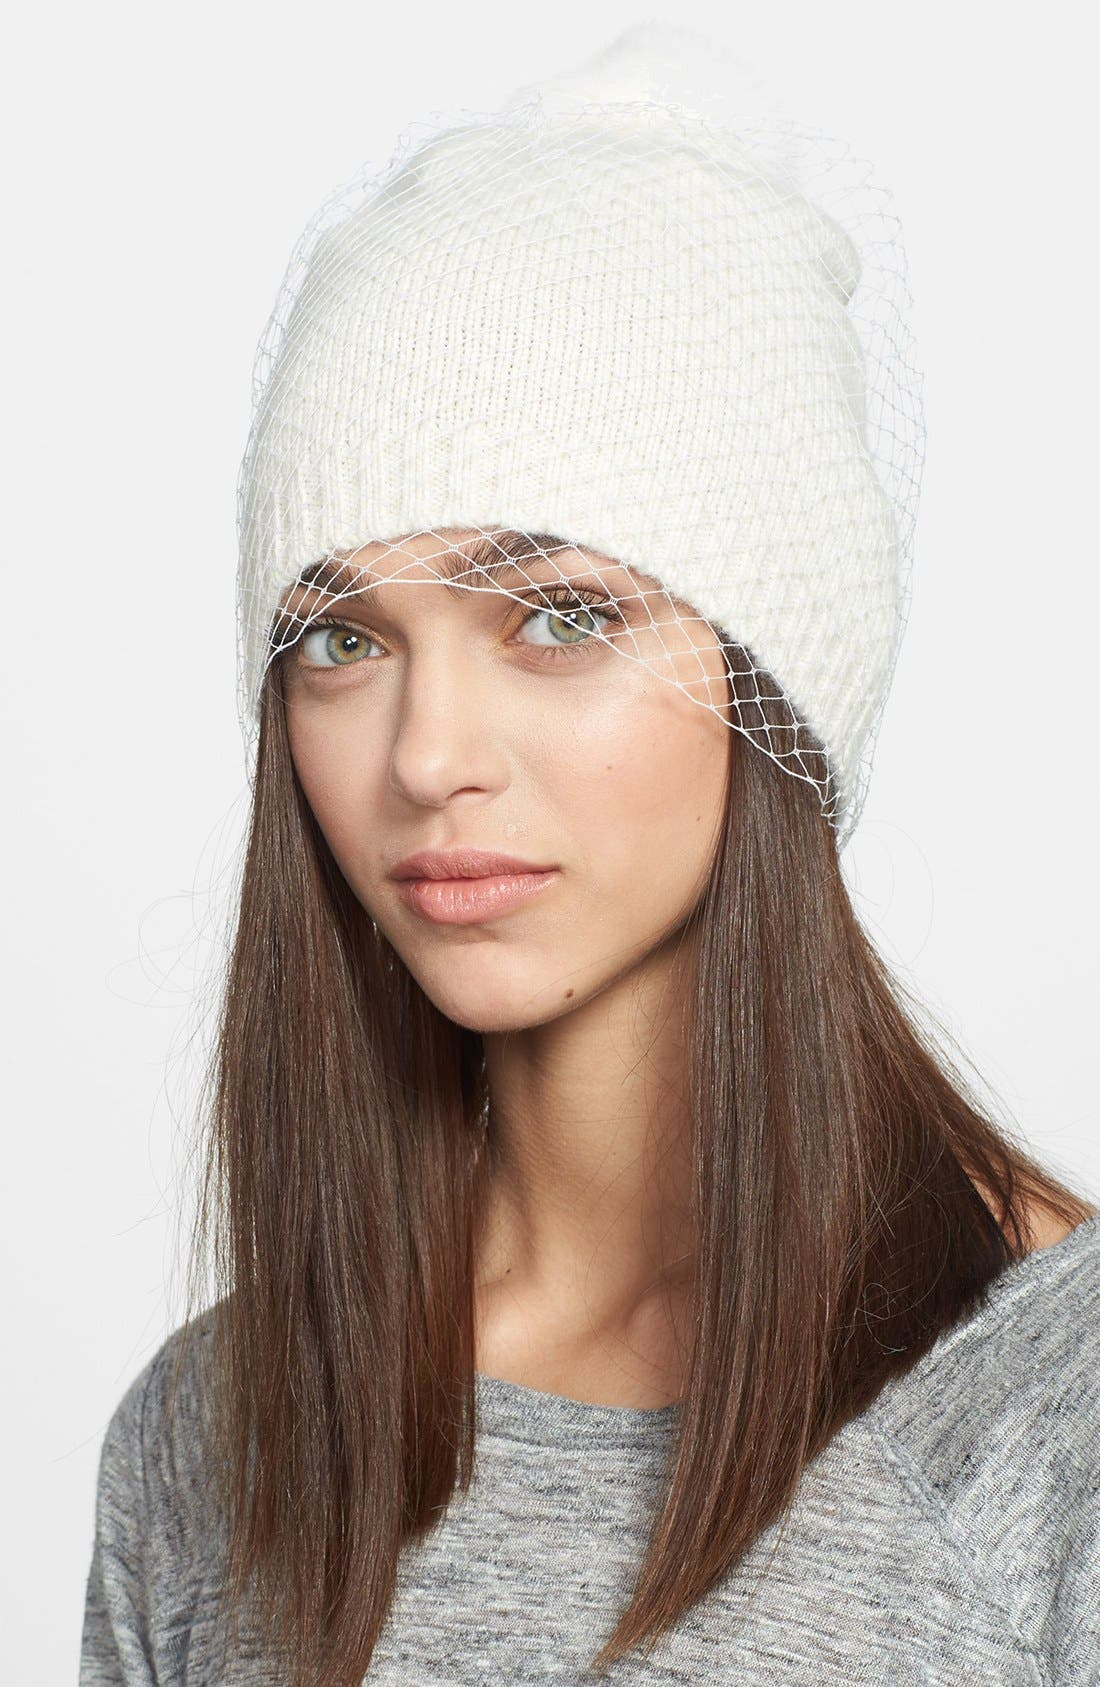 Alternate Image 1 Selected - BCBGMAXAZRIA 'Winter Veil' Beanie with Genuine Fur Pompom